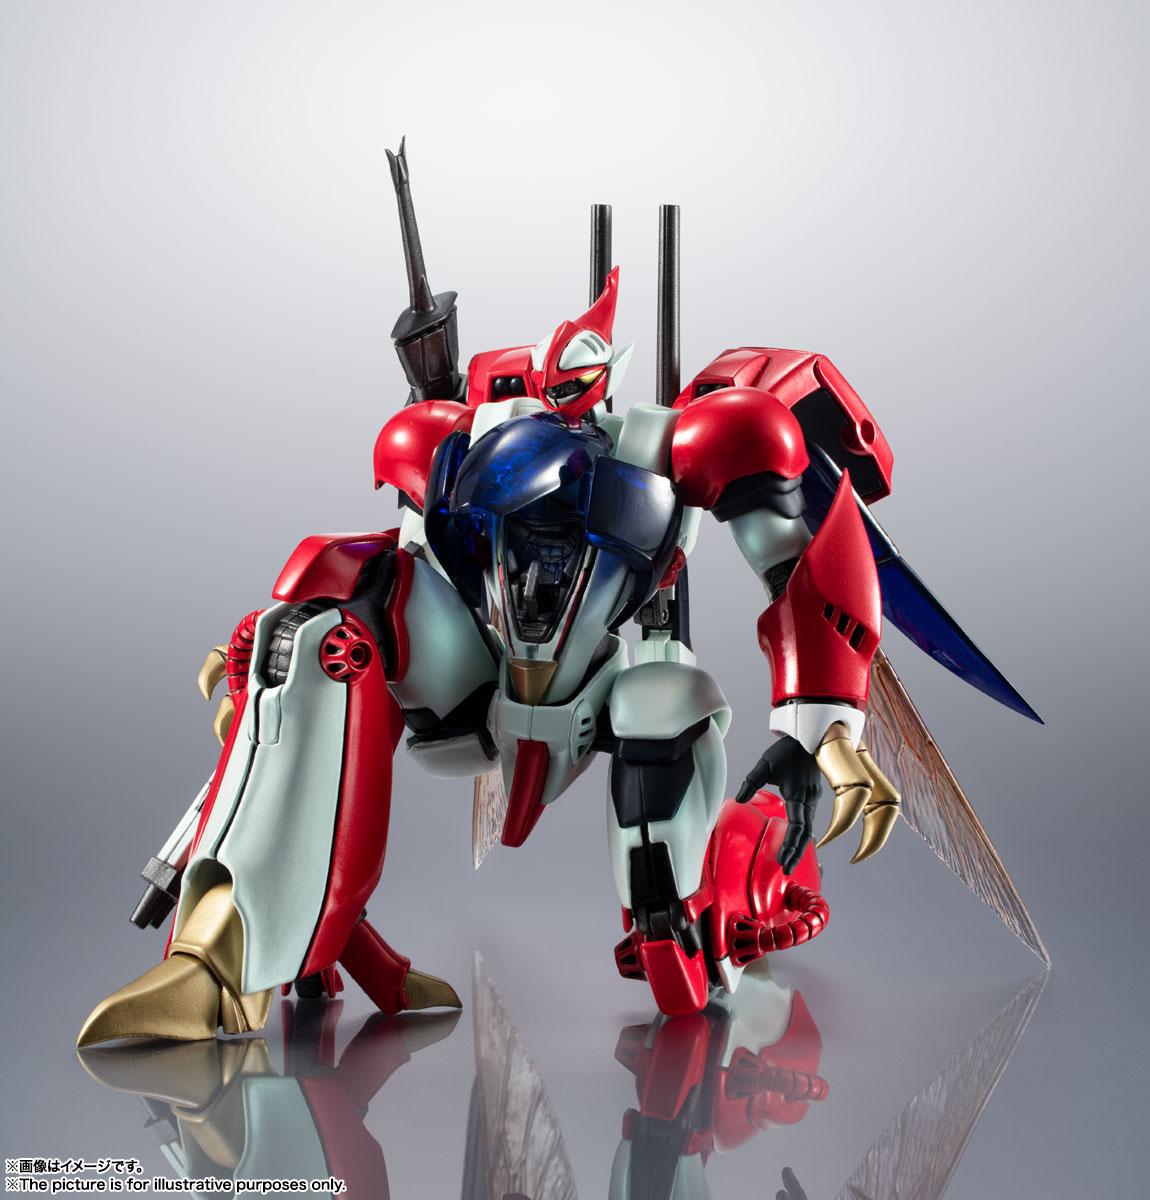 METAL ROBOT魂〈SIDE AB〉『ビルバイン』聖戦士ダンバイン 可変可動フィギュア-004